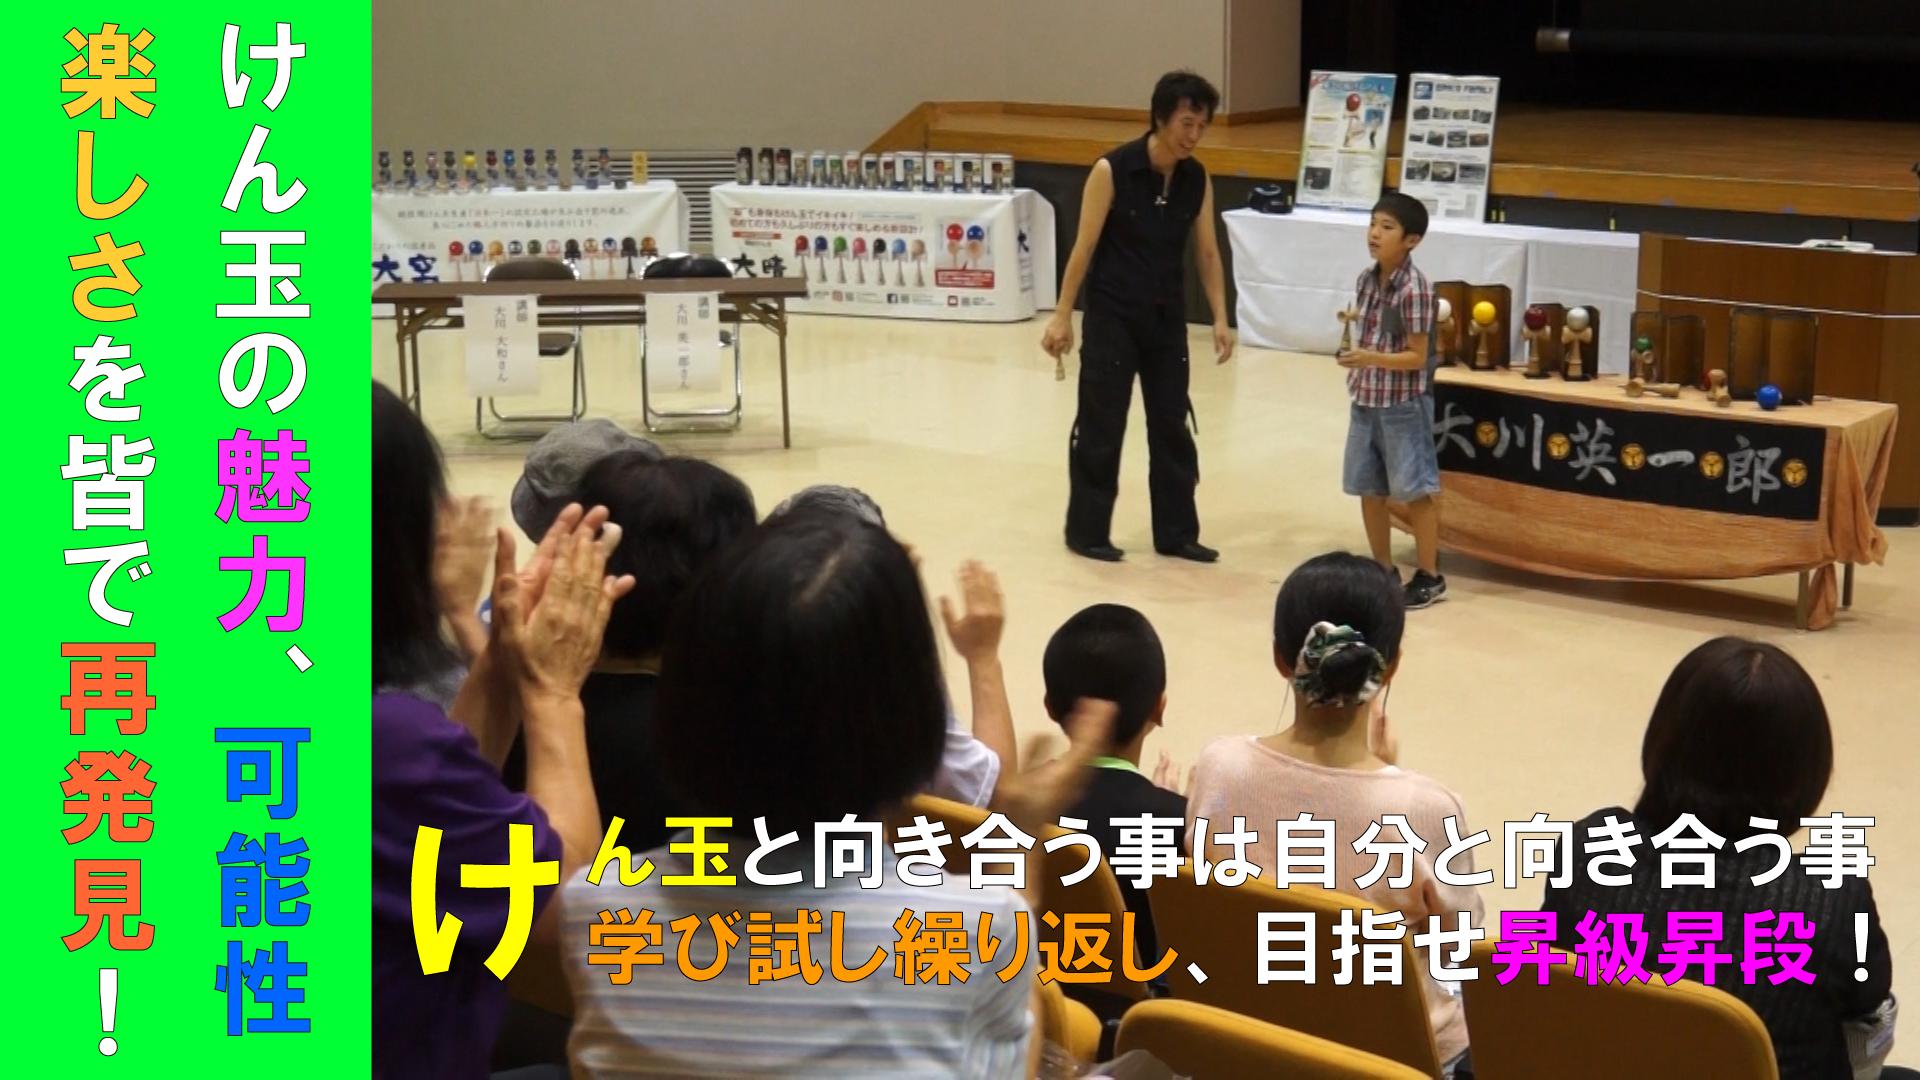 山の日と長井のけん玉記念講演会(H30.8.10)